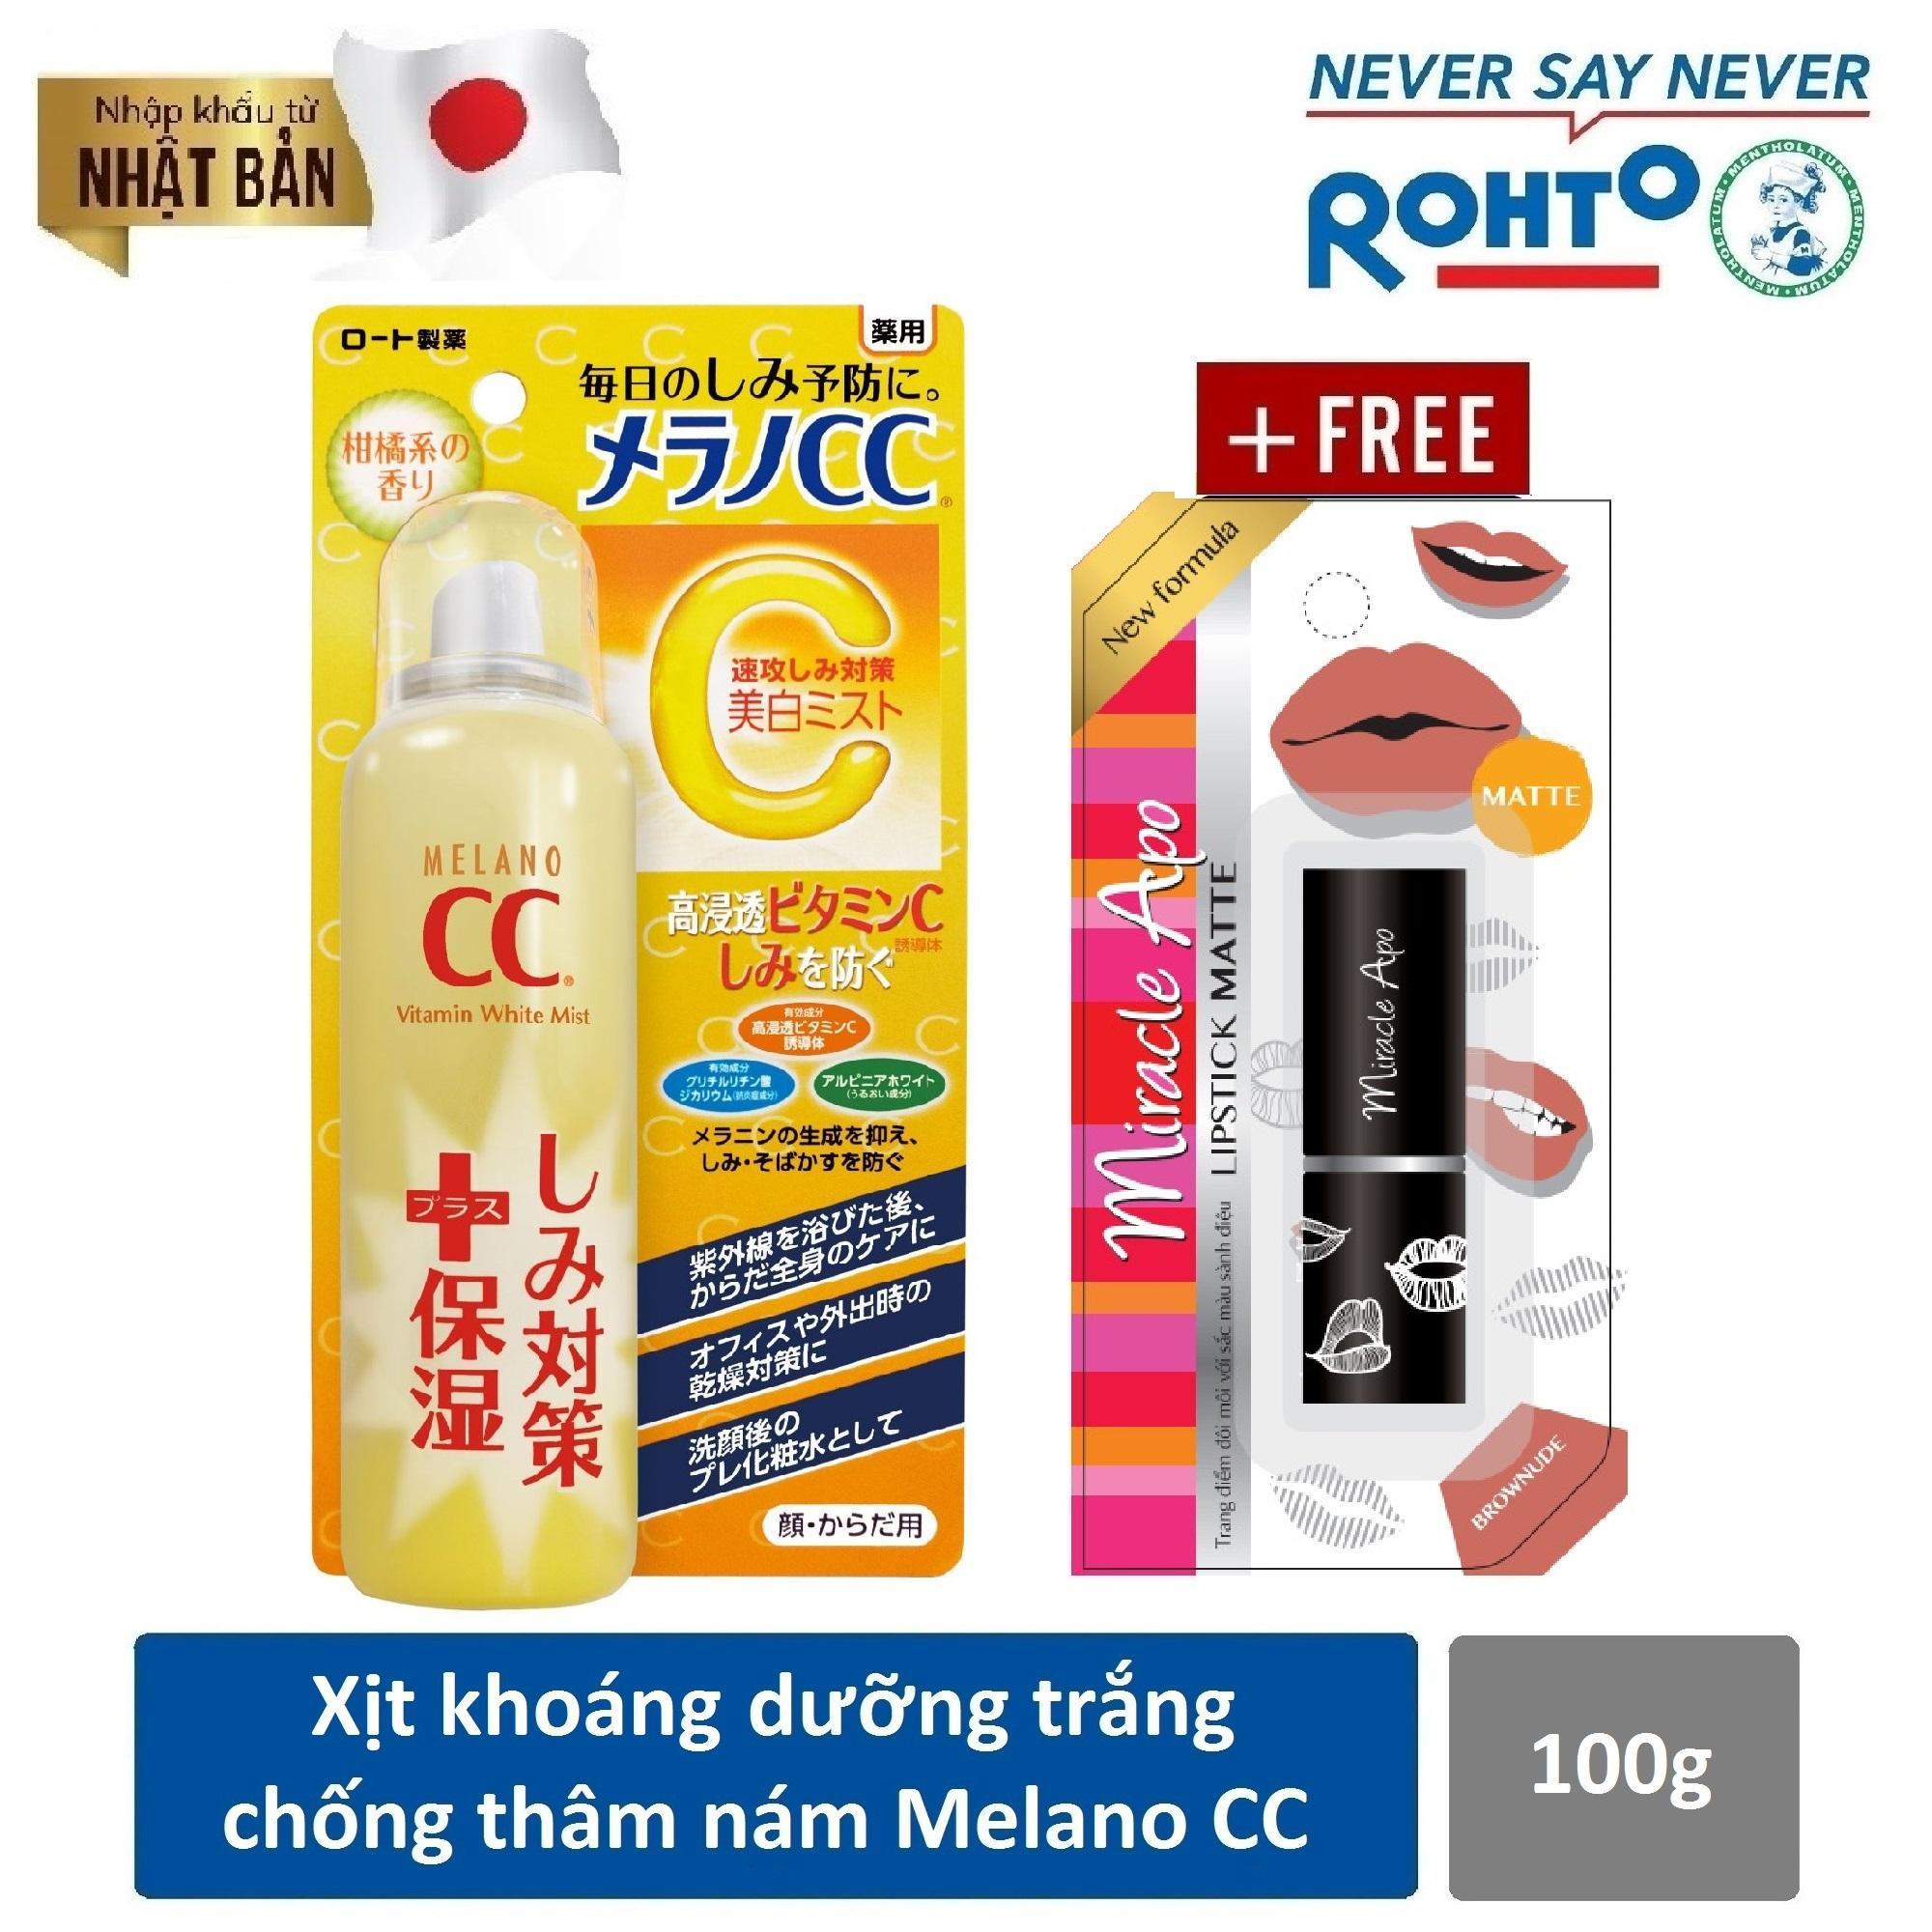 Xịt khoáng dưỡng trắng da chống thâm nám Melano CC Whitening Mist 100g ( Nhập khẩu từ Nhật Bản) + Tặng Son Lì Miracle Apo Lipstick Matte Brownude - Nâu đất 4g tốt nhất